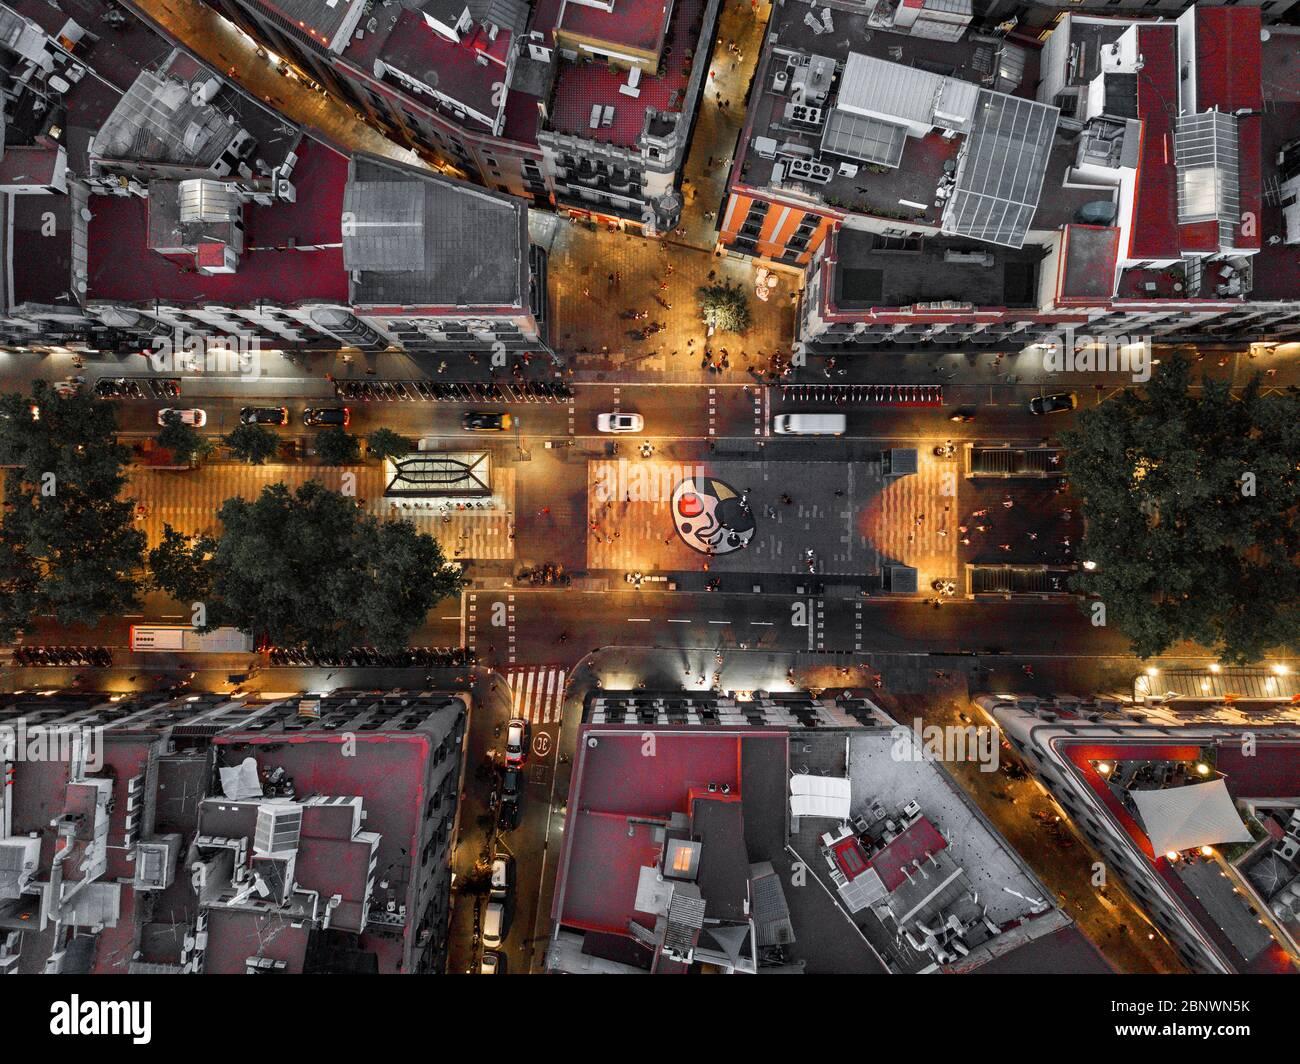 Les Ramblas et la mosaïque miro vue aérienne Barcelone Catalogne Espagne. La Rambla est une rue dans le centre de Barcelone. Une rue piétonne bordée d'arbres, il str Banque D'Images